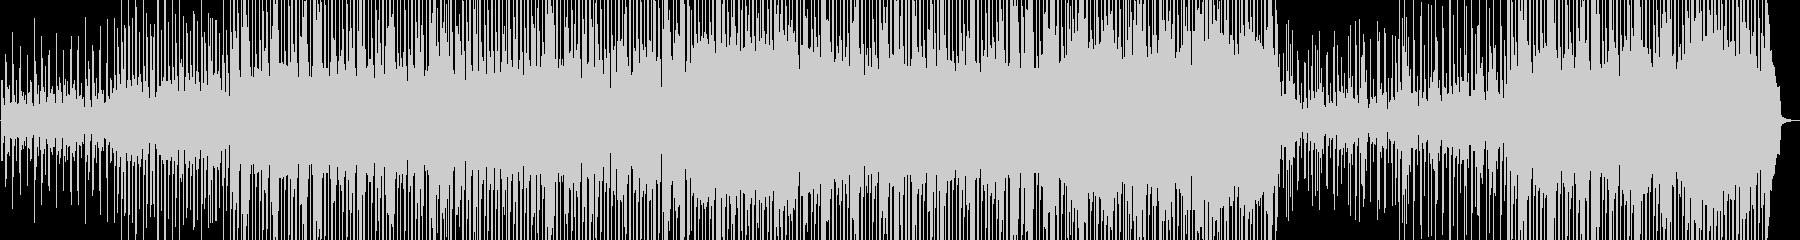 ポジティブなホイッスルメロディ、ア...の未再生の波形